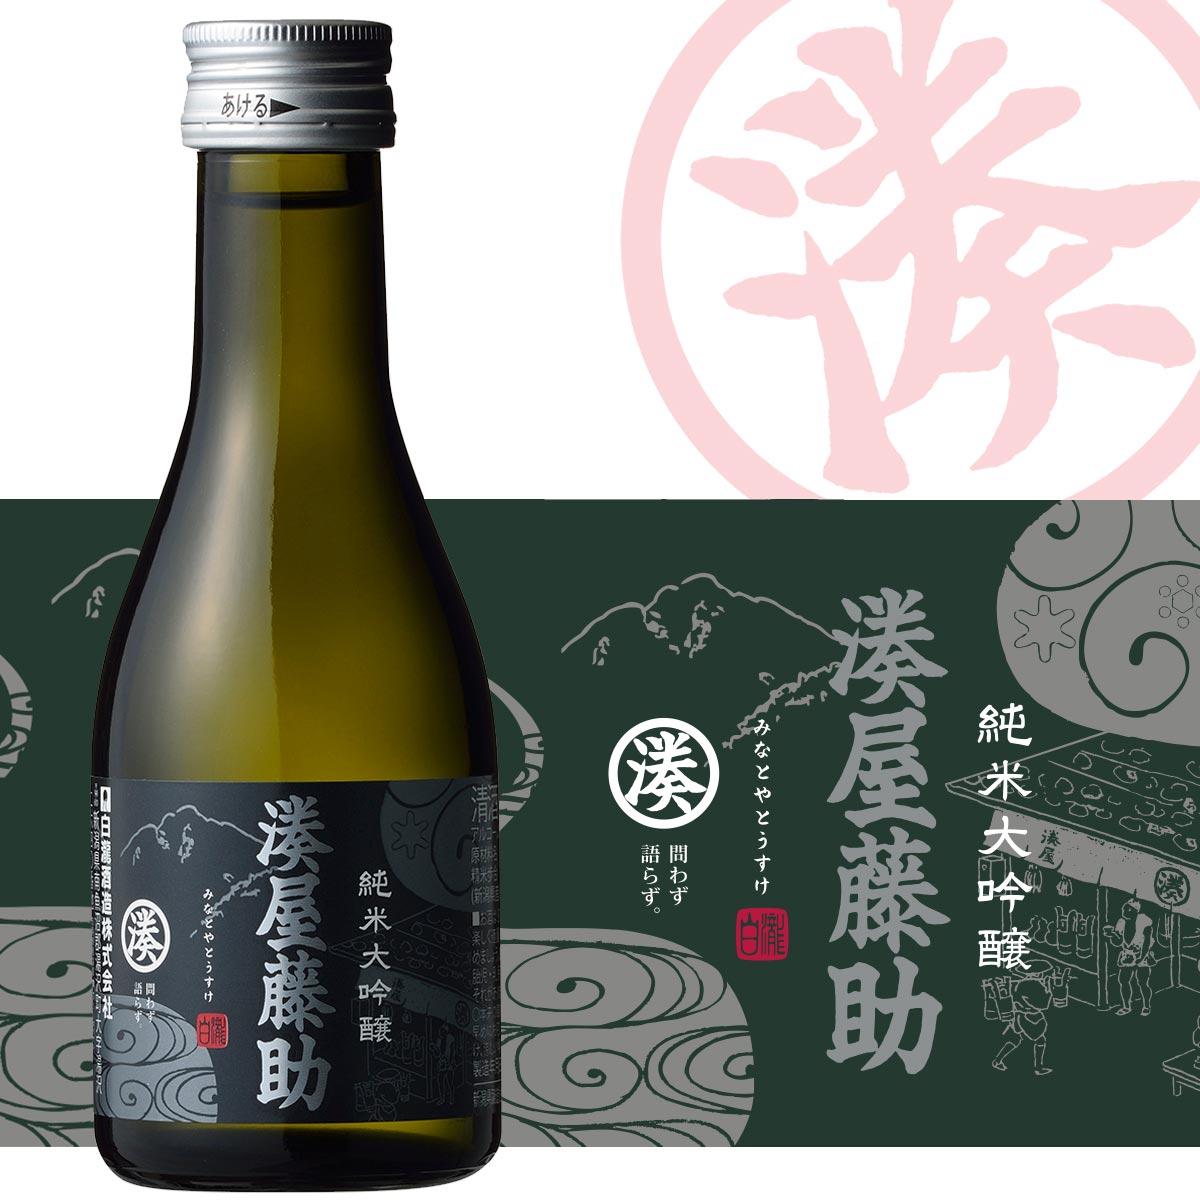 日本酒 新潟【白瀧酒造】湊屋藤助 純米大吟醸 180ml